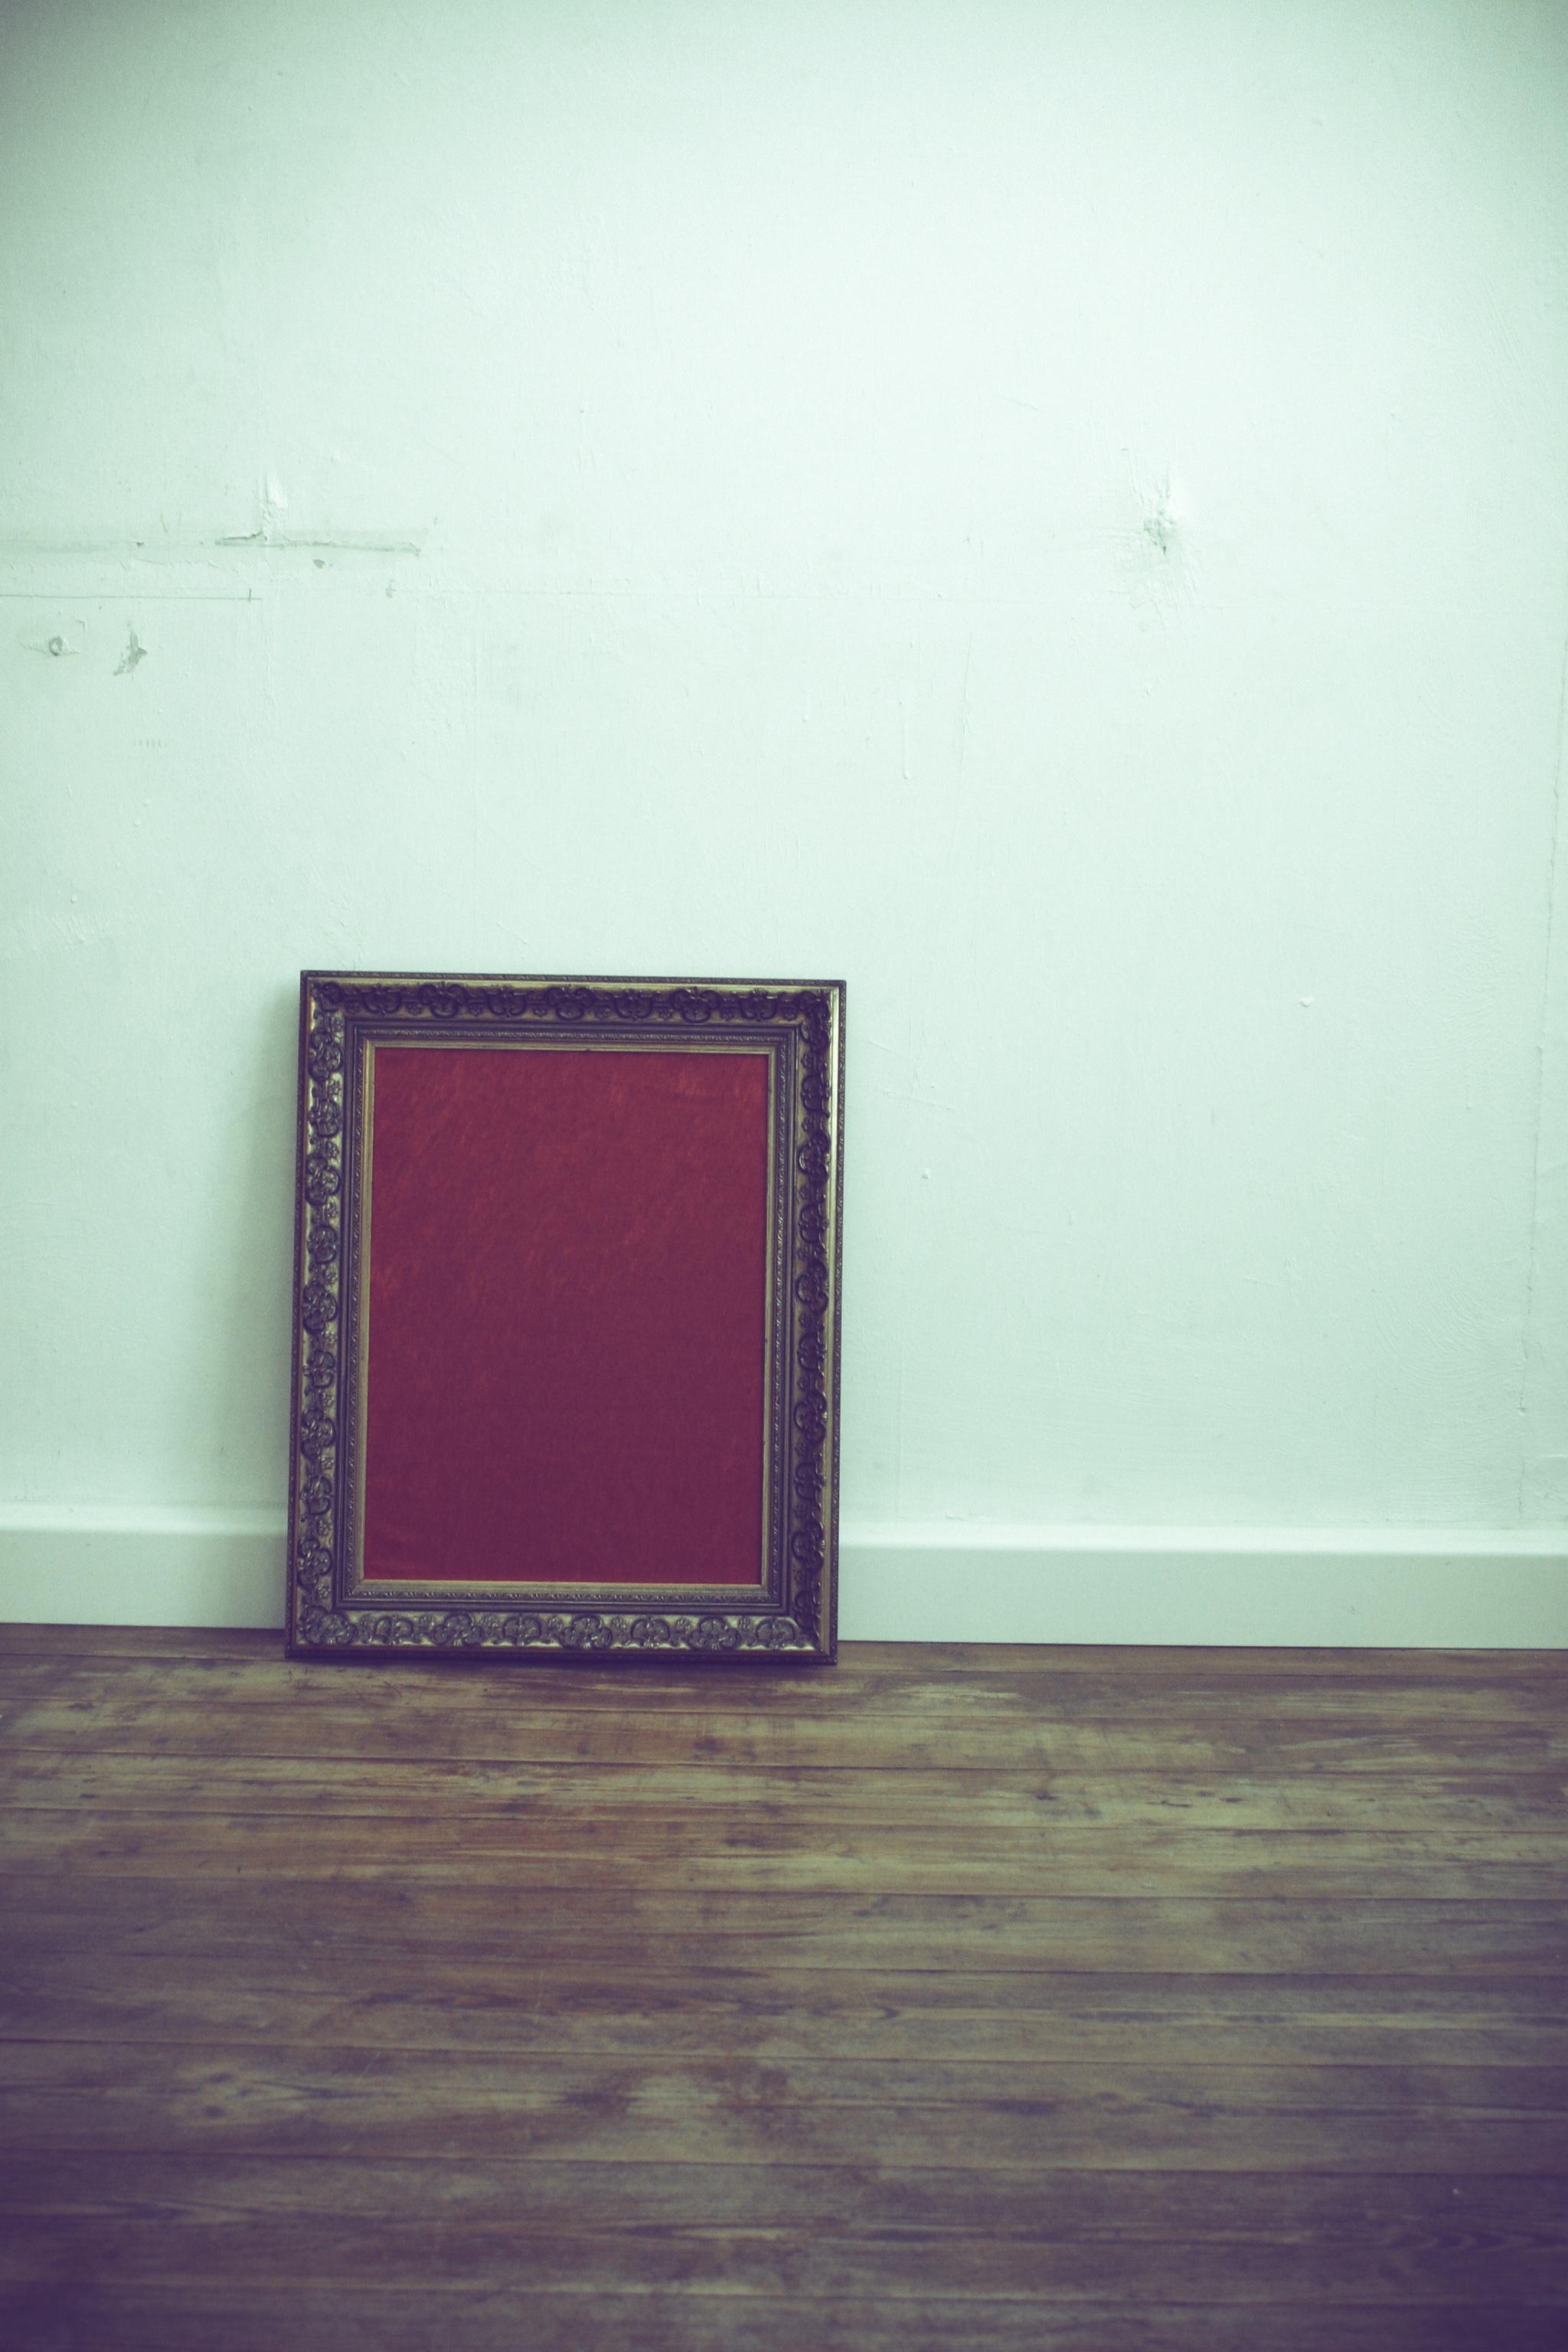 Fotos gratis : contorno, estructura, blanco, fotografía, grano, casa ...